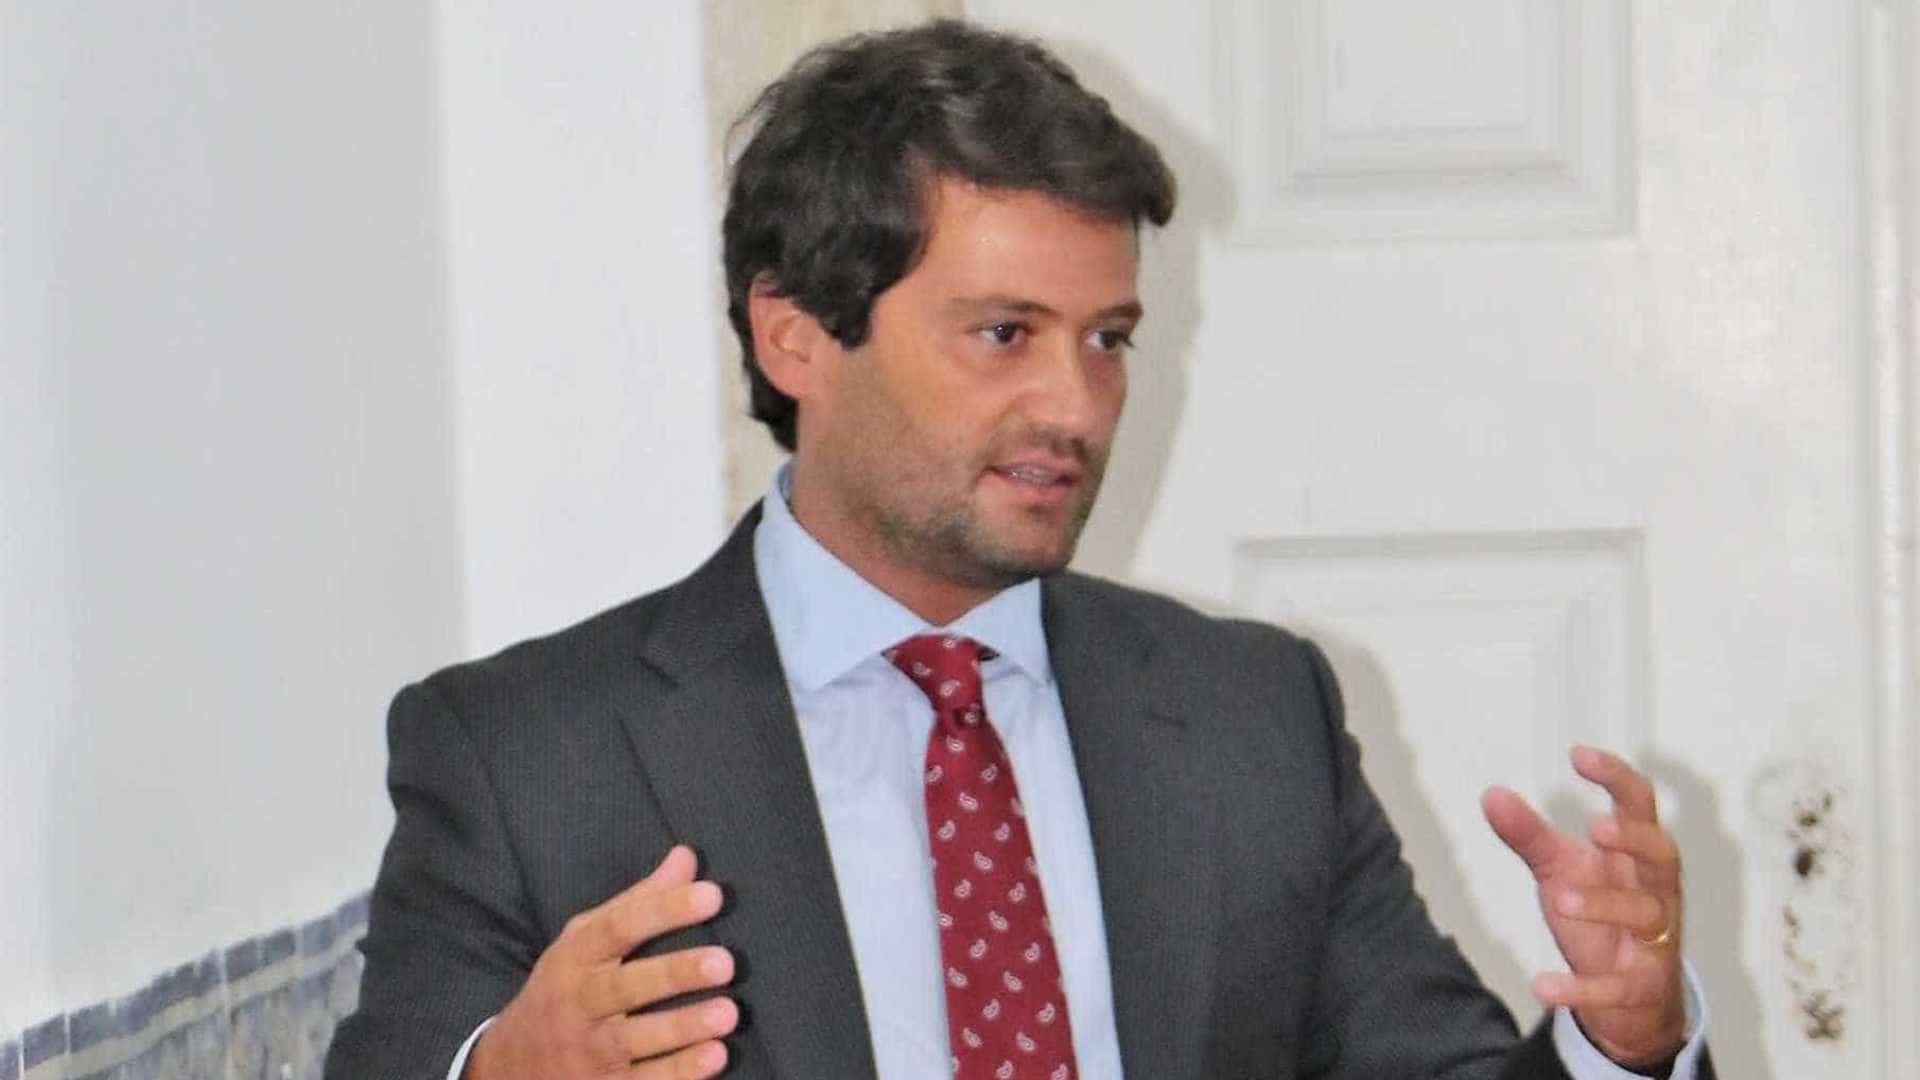 'Bolsonaro português' une populismo e polêmicas